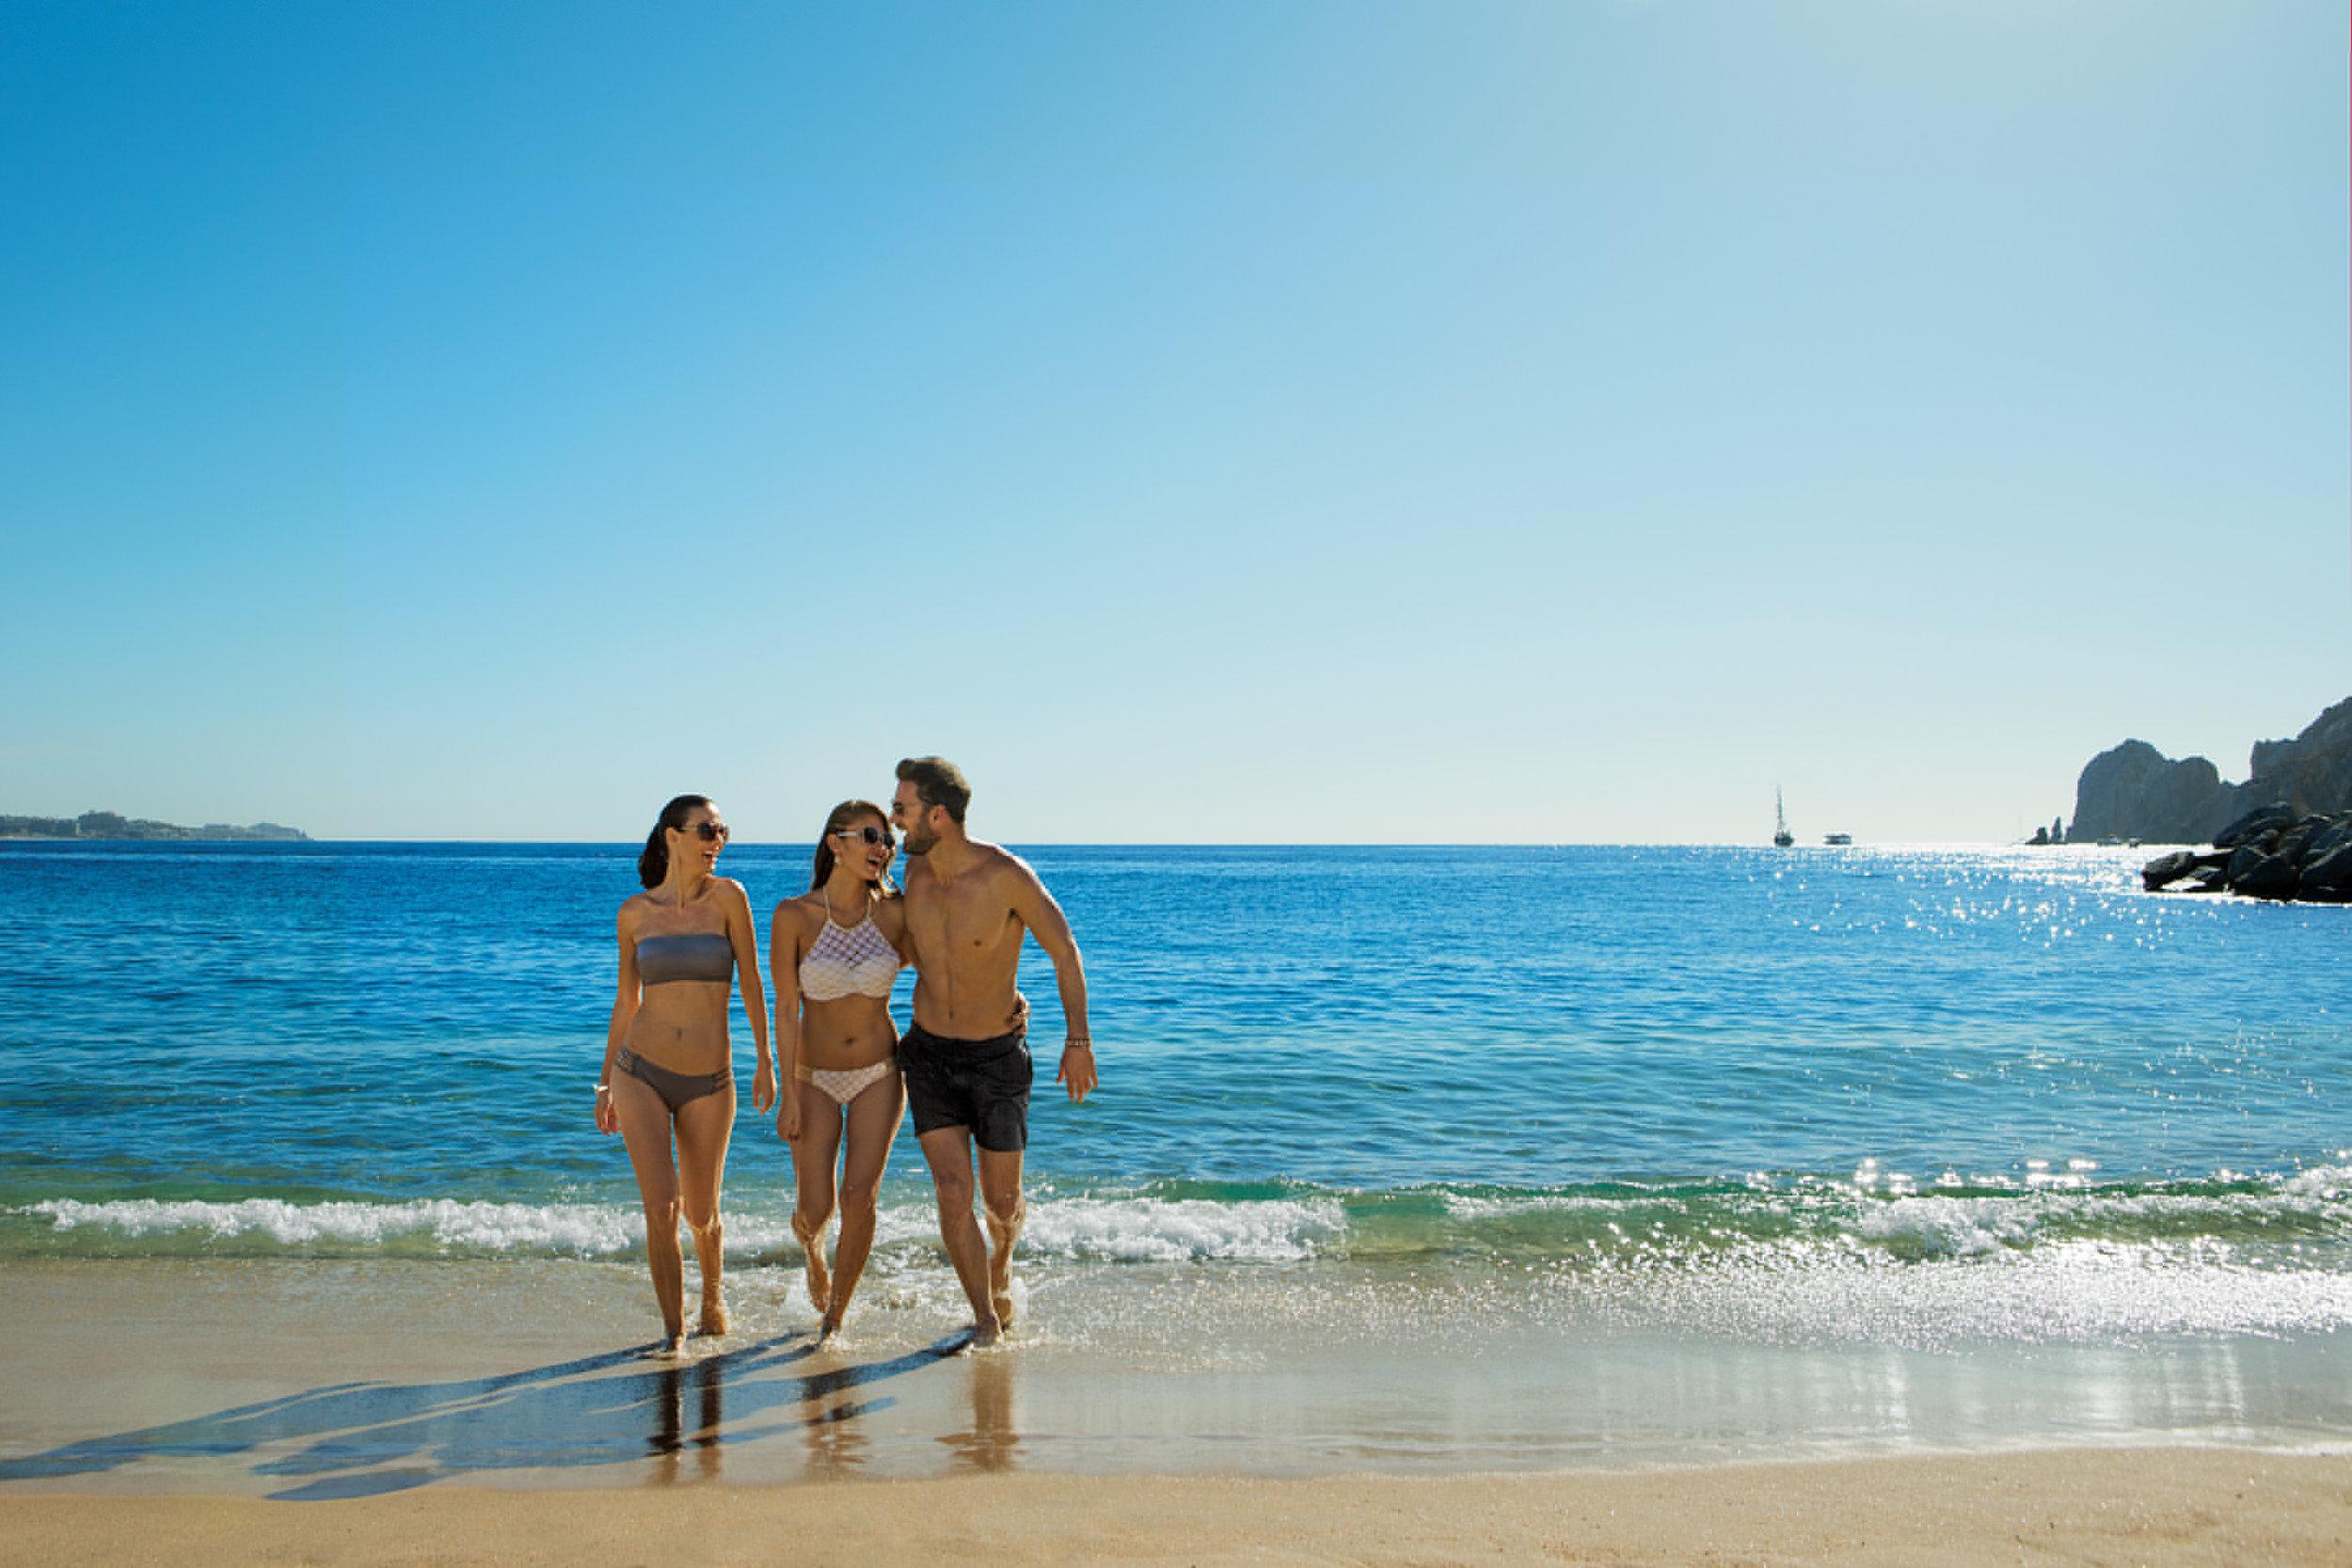 BRCSL_EXT_Group_Friends_Beach2_3A.jpg